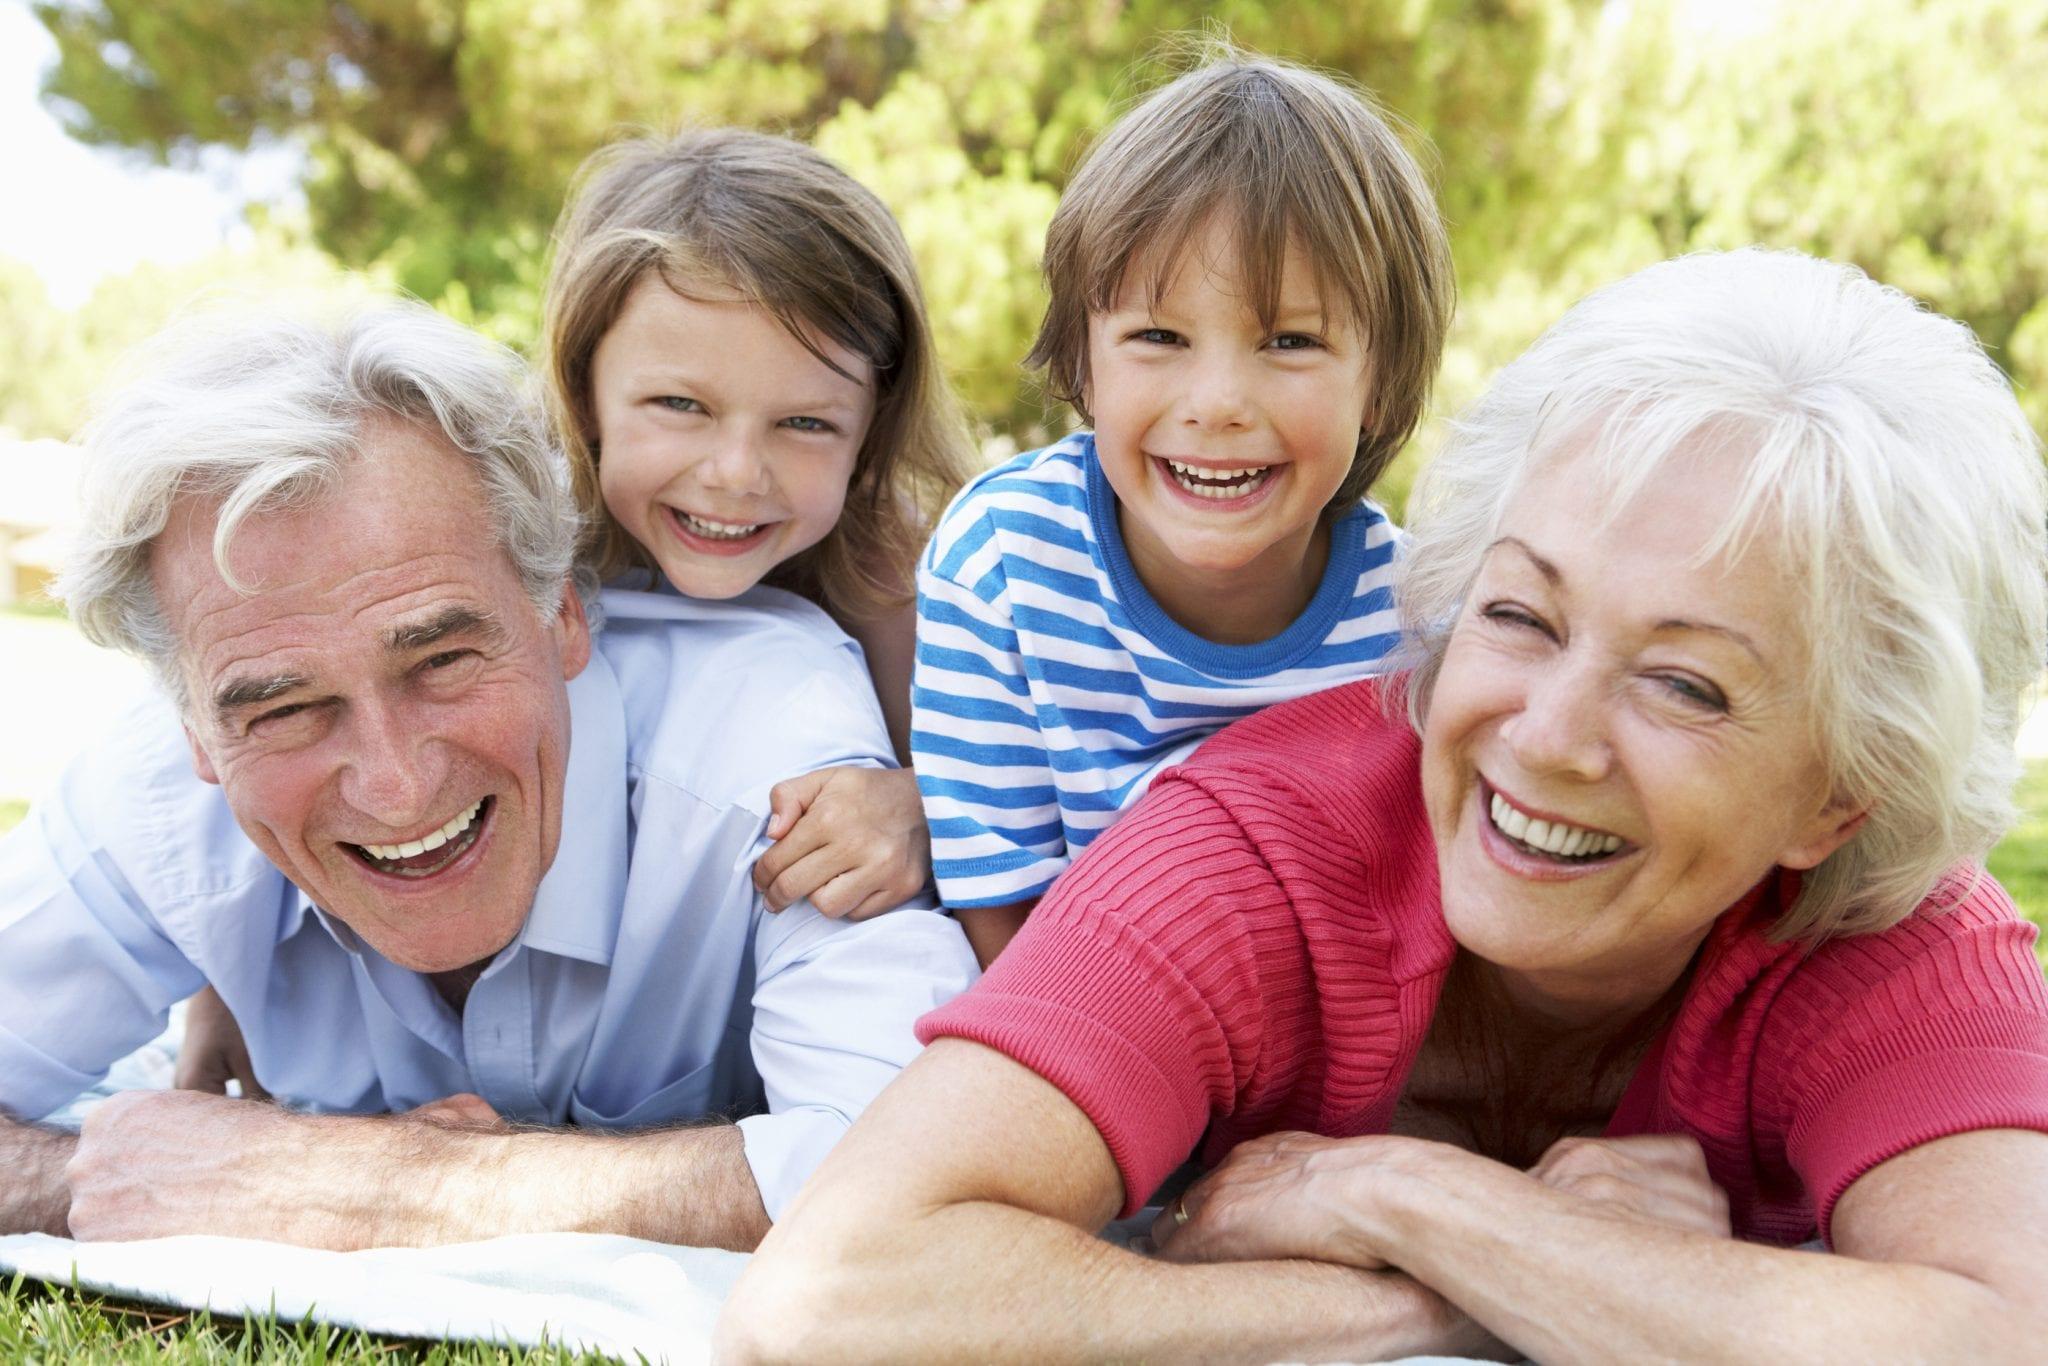 Sugestões de Prendas e Atividades para o Dia dos Avós